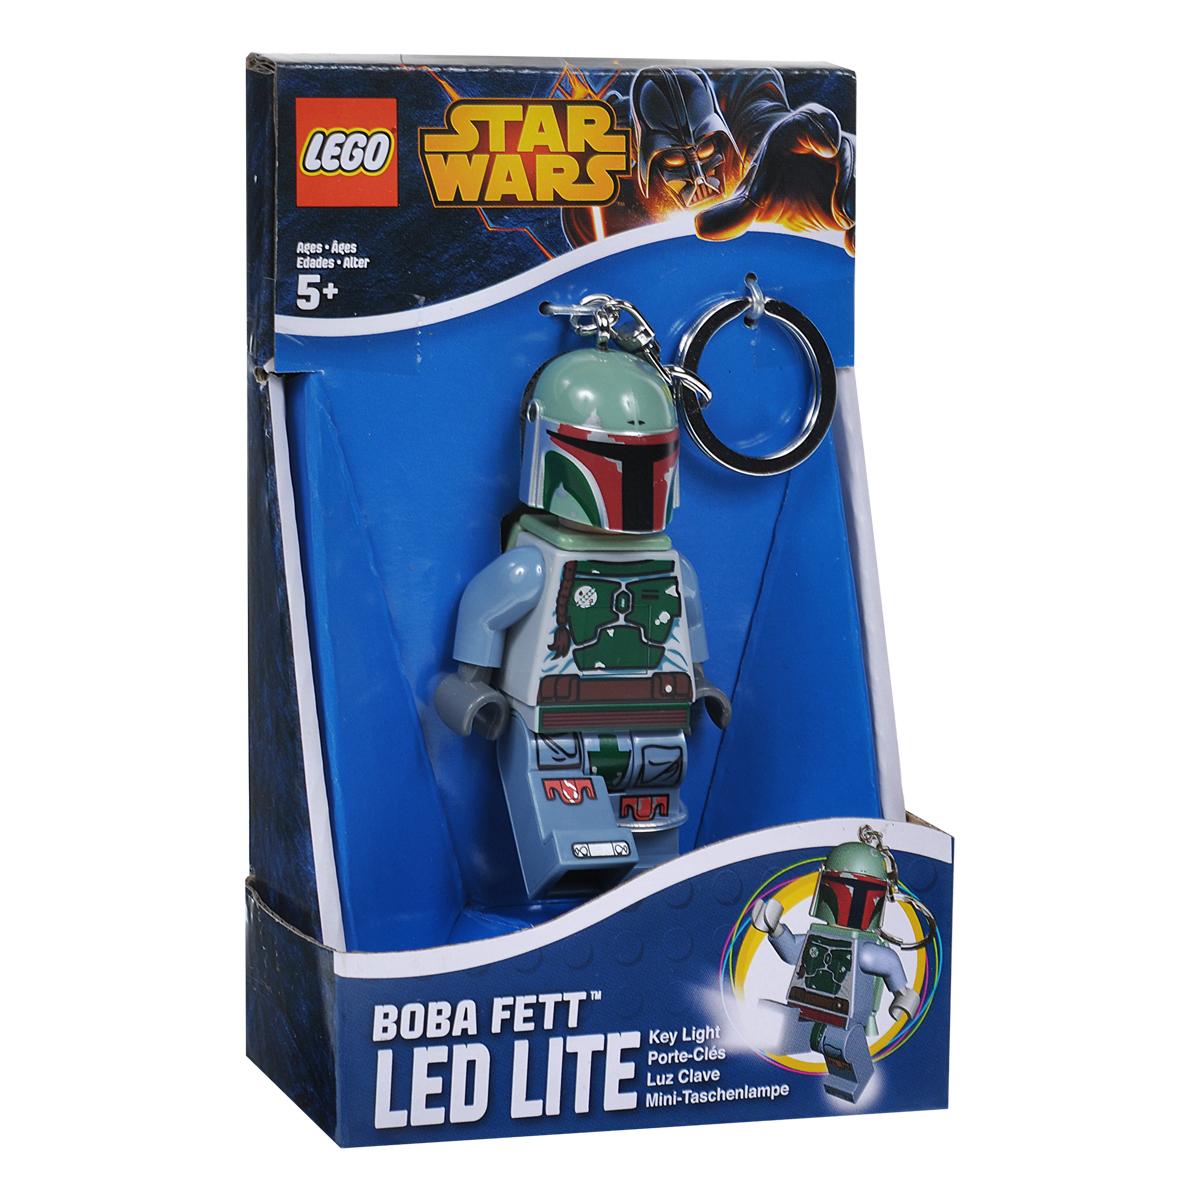 Брелок-фонарик для ключей Lego Звездные Войны Боба ФеттLGL-KE19Брелок Lego Звездные Войны Боба Фетт станет отличным подарком для родственников, знакомых или коллег по работе. Его можно пристегнуть к рюкзаку, сумке или повесить на связку ключей. Брелок имеет функцию фонарика, с помощью которой вы сможете в ночное время суток заглянуть под капот машины, осветить себе путь во время поздних пеших прогулок, разглядеть в темном подъезде замочную скважину.